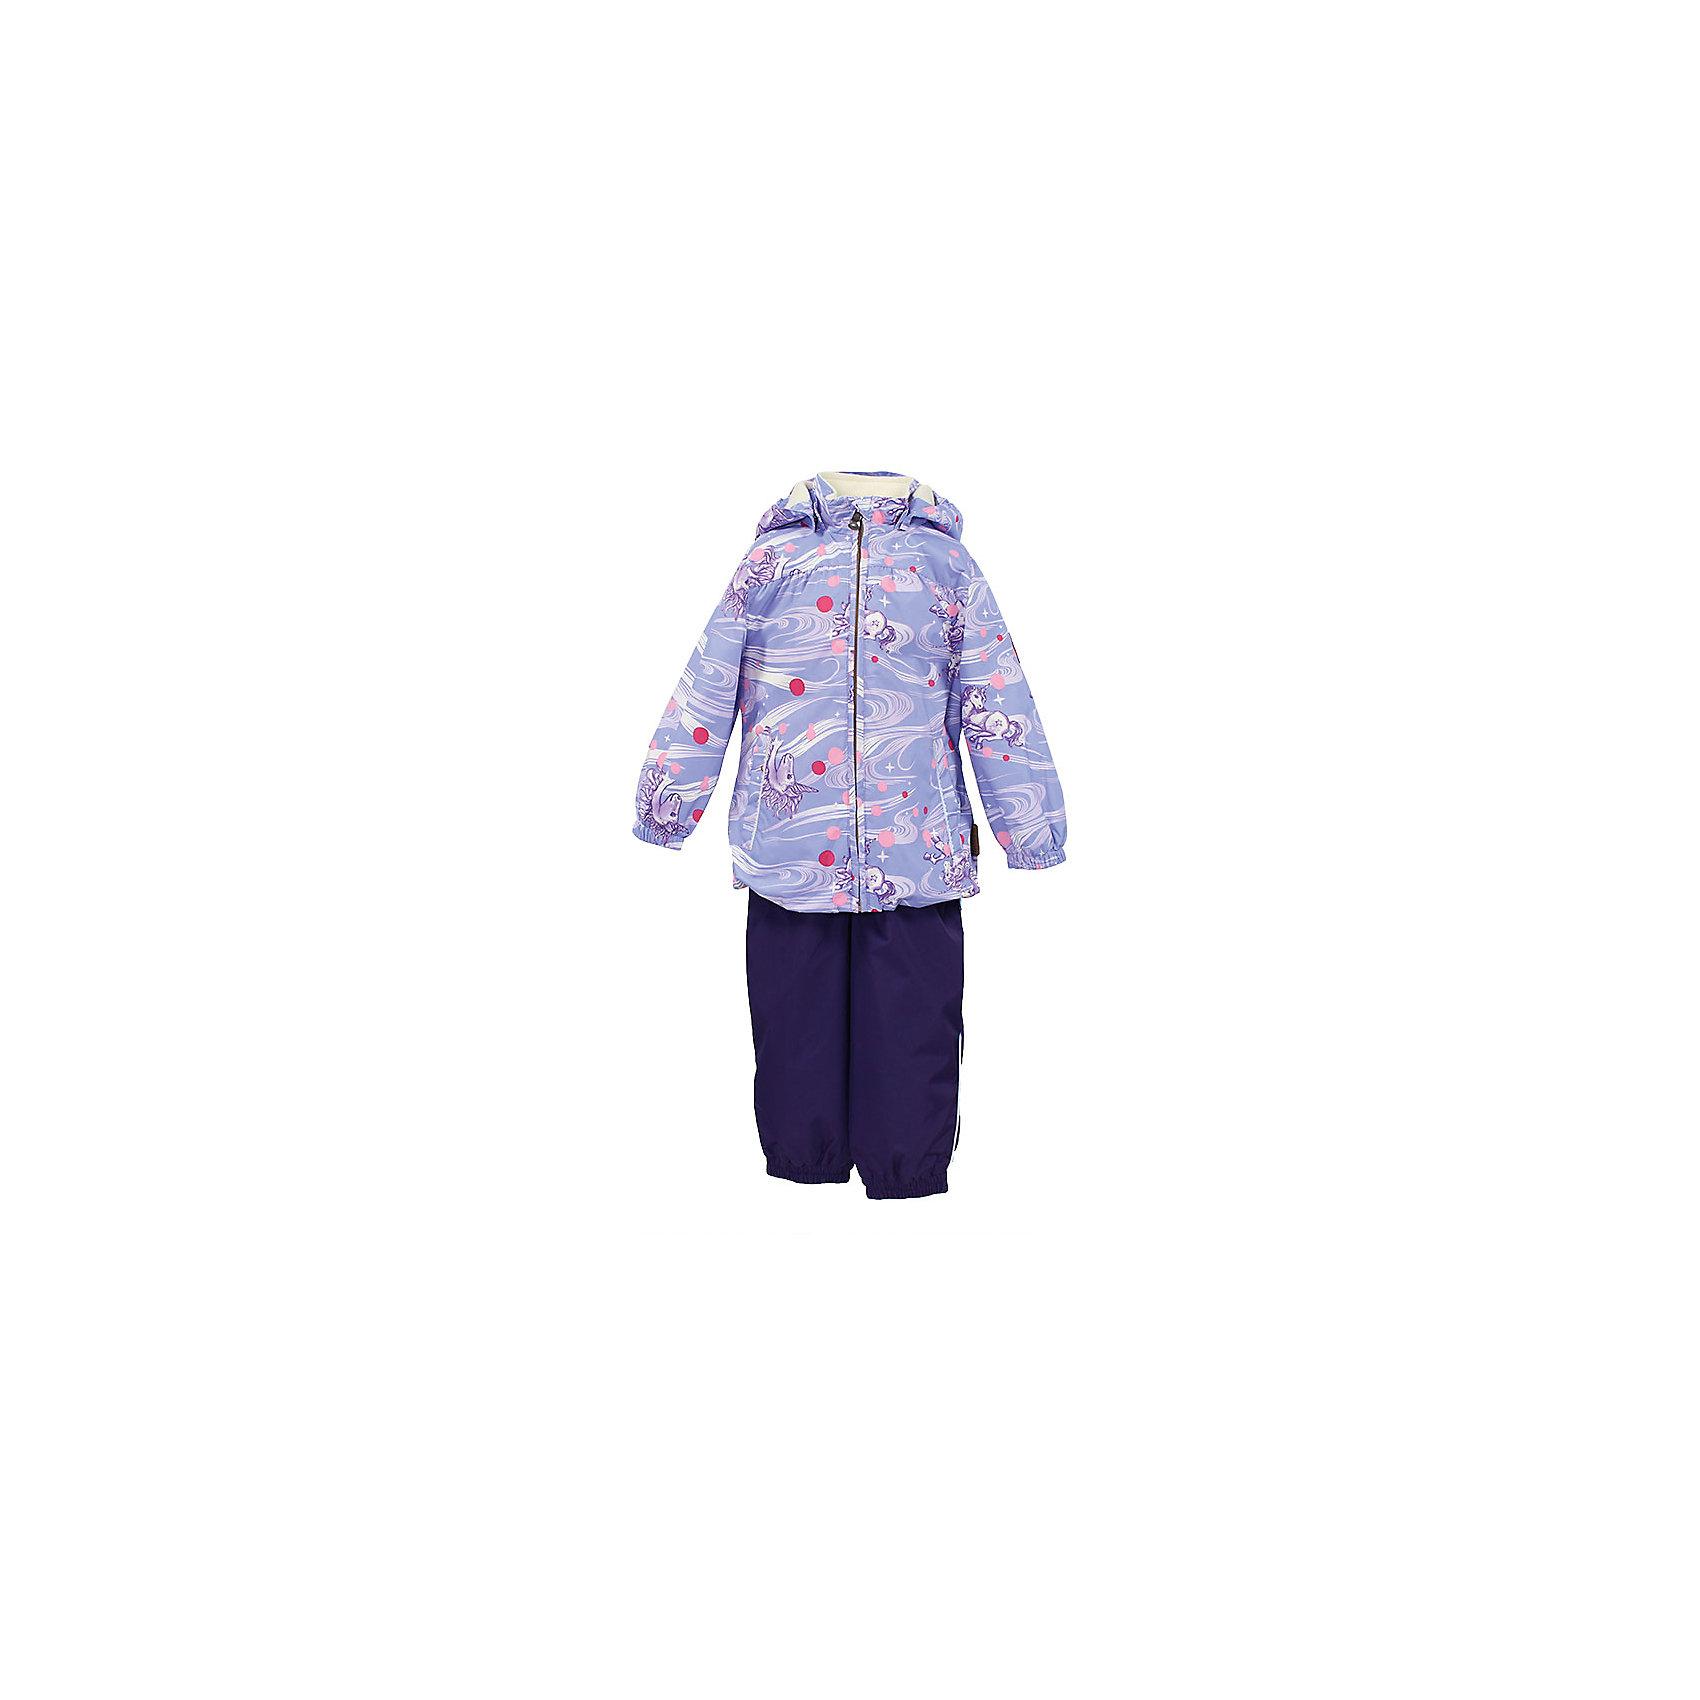 Комплект: куртка и полукомбинезон для девочки CLARA HuppaВерхняя одежда<br>Характеристики товара:<br><br>• цвет: сиреневый принт/тёмно-фиолетовый<br>• комплектация: куртка и полукомбинезон <br>• ткань: 100% полиэстер<br>• подкладка: Coral-fleece смесь хлопка и полиэстера, в рукавах - тафта 100% полиэстер<br>• утеплитель: 100% полиэстер; куртка 100 г, полукомбинезон 40 г<br>• температурный режим: от -5°С до +10°С<br>• водонепроницаемость: верх - 5000 мм, низ - 10000 мм<br>• воздухопроницаемость: верх - 5000 мм, низ - 10000 мм<br>• светоотражающие детали<br>• шов сидения проклеен<br>• съёмный капюшон с резинкой<br>• эластичные манжеты на рукавах<br>• манжеты брюк с резинкой<br>• съёмные эластичные штрипки<br>• без внутренних швов<br>• резиновые подтяжки<br>• коллекция: весна-лето 2017<br>• страна бренда: Эстония<br><br>Такой модный демисезонный комплект  обеспечит детям тепло и комфорт. Он сделан из материала, отталкивающего воду, и дополнен подкладкой с утеплителем, поэтому изделие идеально подходит для межсезонья. Материал изделий - с мембранной технологией: защищая от влаги и ветра, он легко выводит лишнюю влагу наружу. Комплект очень симпатично смотрится. <br><br>Одежда и обувь от популярного эстонского бренда Huppa - отличный вариант одеть ребенка можно и комфортно. Вещи, выпускаемые компанией, качественные, продуманные и очень удобные. Для производства изделий используются только безопасные для детей материалы. Продукция от Huppa порадует и детей, и их родителей!<br><br>Комплект: куртка и полукомбинезон CLARA от бренда Huppa (Хуппа) можно купить в нашем интернет-магазине.<br><br>Ширина мм: 356<br>Глубина мм: 10<br>Высота мм: 245<br>Вес г: 519<br>Цвет: розовый<br>Возраст от месяцев: 48<br>Возраст до месяцев: 60<br>Пол: Женский<br>Возраст: Детский<br>Размер: 110,80,86,92,98,104<br>SKU: 5346573